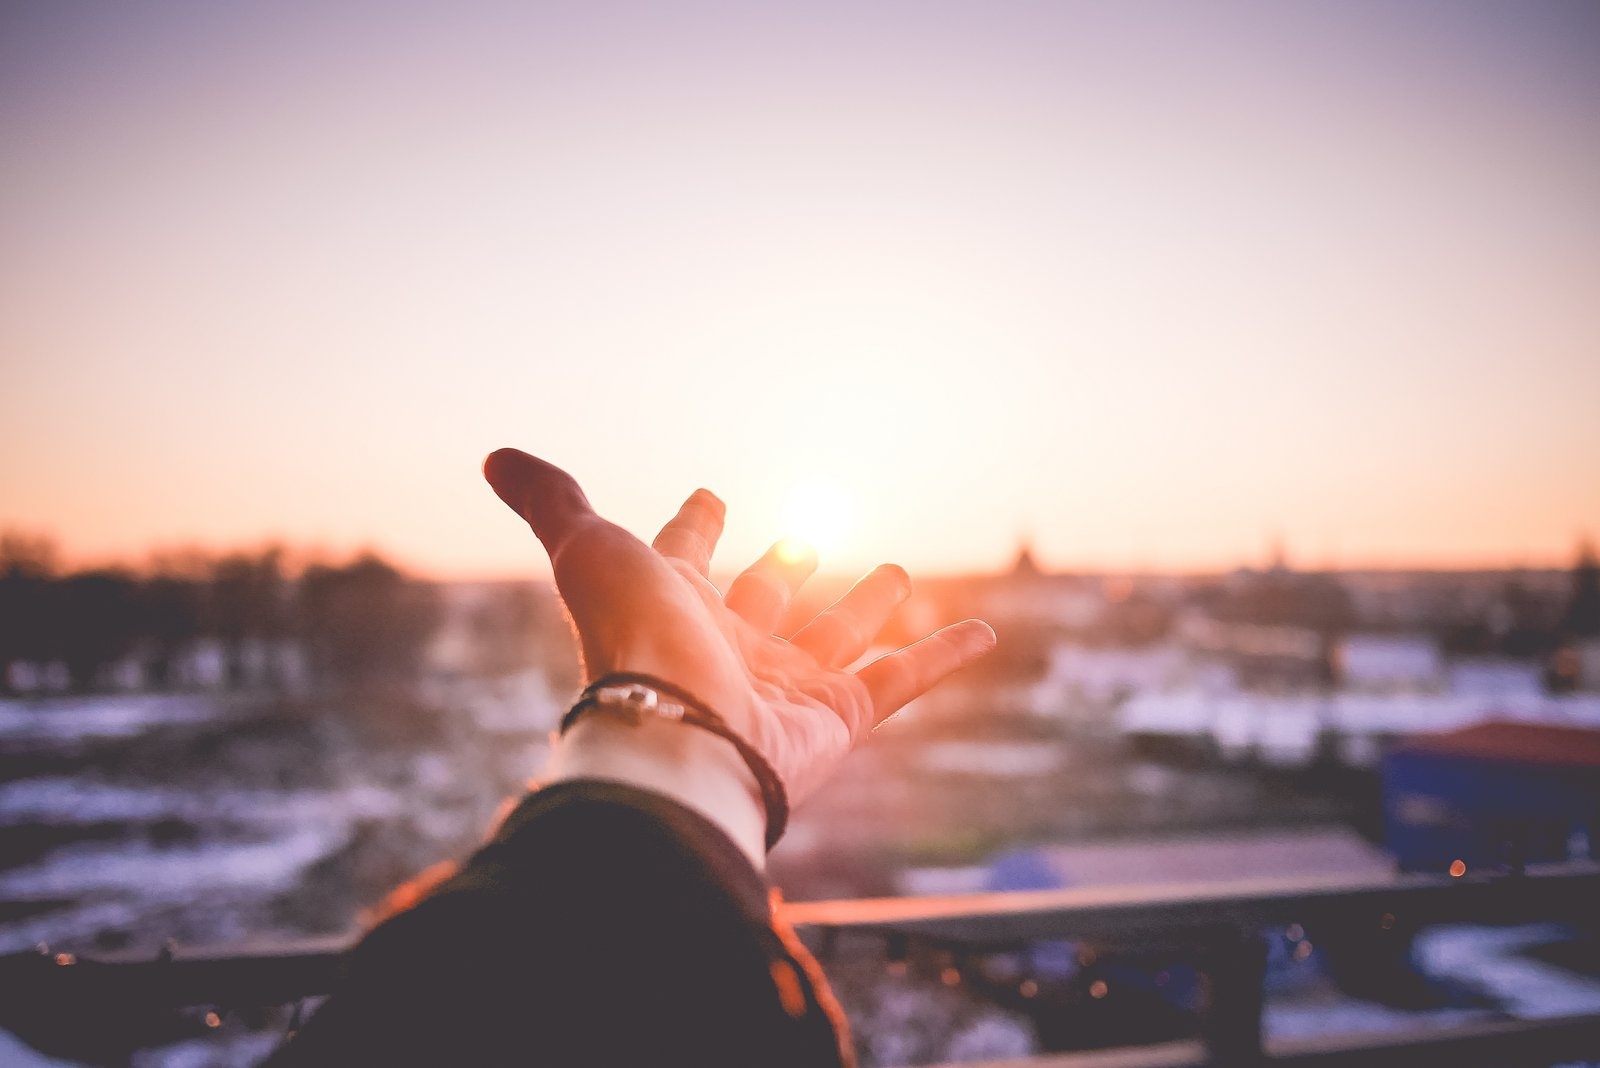 hand-reaching-for-sun - Blog Header.jpg